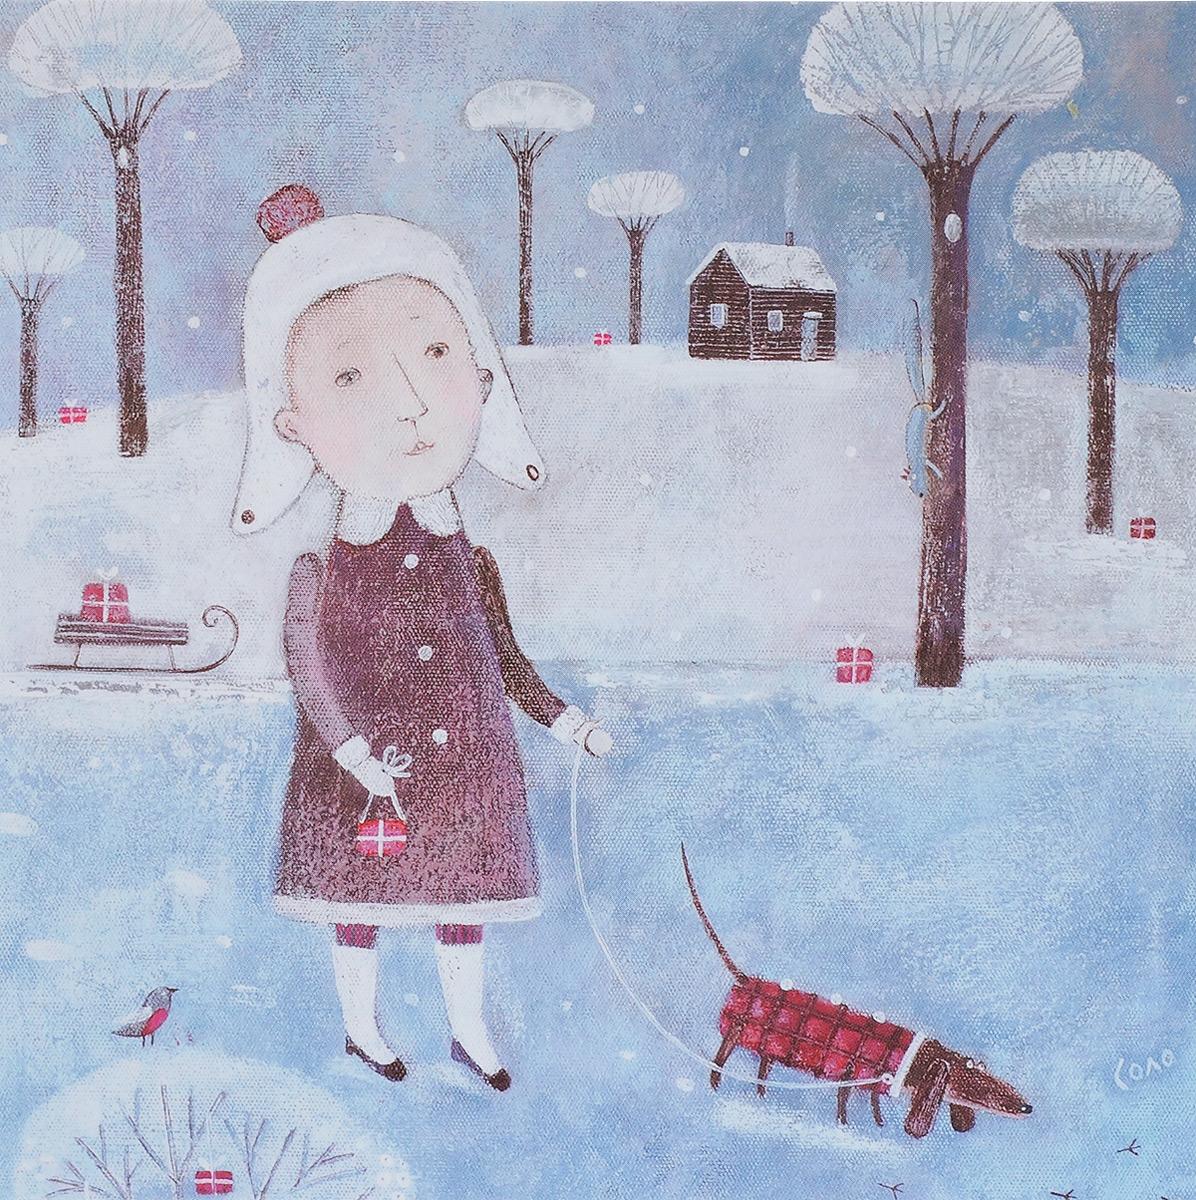 Открытка Рождественские каникулы. Автор Соловьева СветланаSvS10-017Оригинальная дизайнерская открытка «Рождественские каникулы» выполнена из плотного матового картона. На лицевой стороне расположена репродукция картины художницы Светланы Соловьевой с изображением девушки, несущей подарки вместе со своей одетой в клетчатое пальто таксой.Такая открытка станет великолепным дополнением к подарку или оригинальным почтовым посланием, которое, несомненно, удивит получателя своим дизайном и подарит приятные воспоминания.